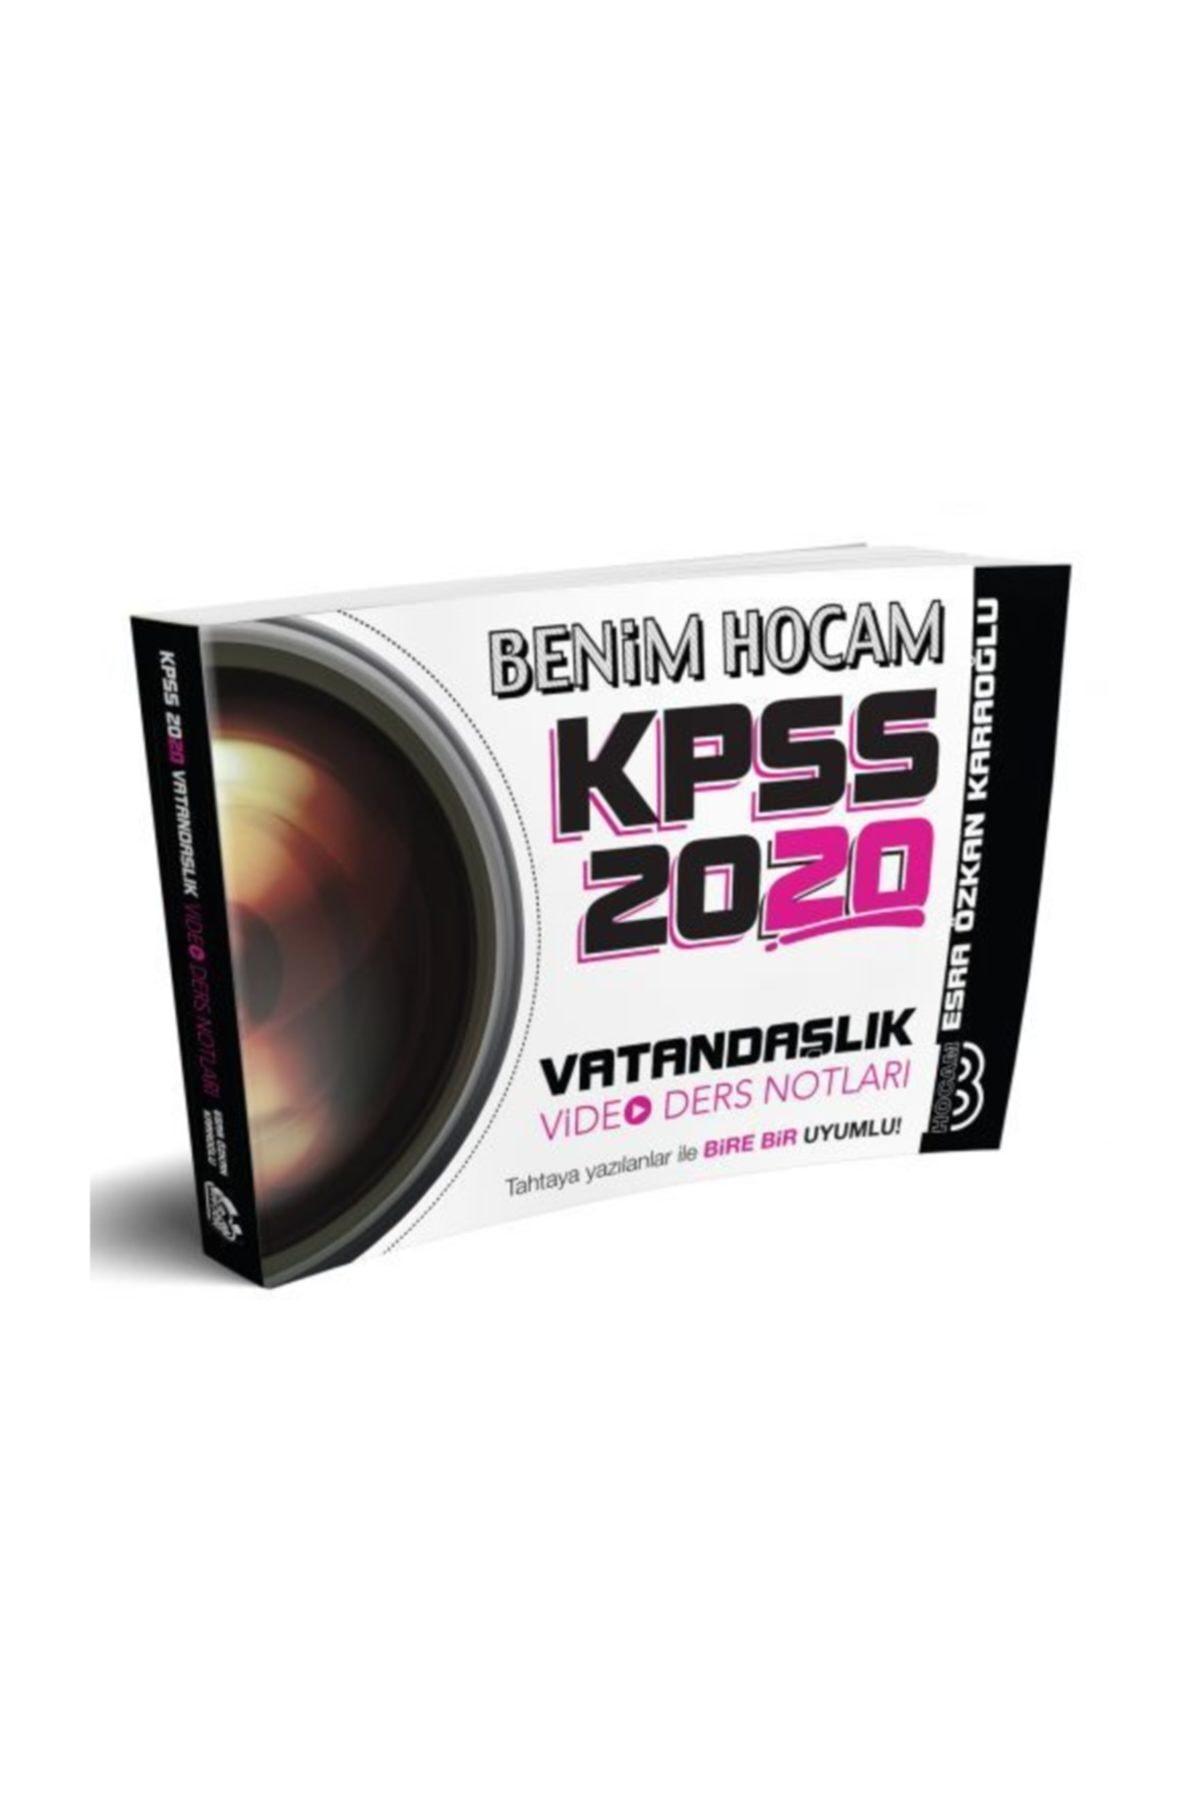 KPSS Vatandaşlık Video Ders Notları 2020